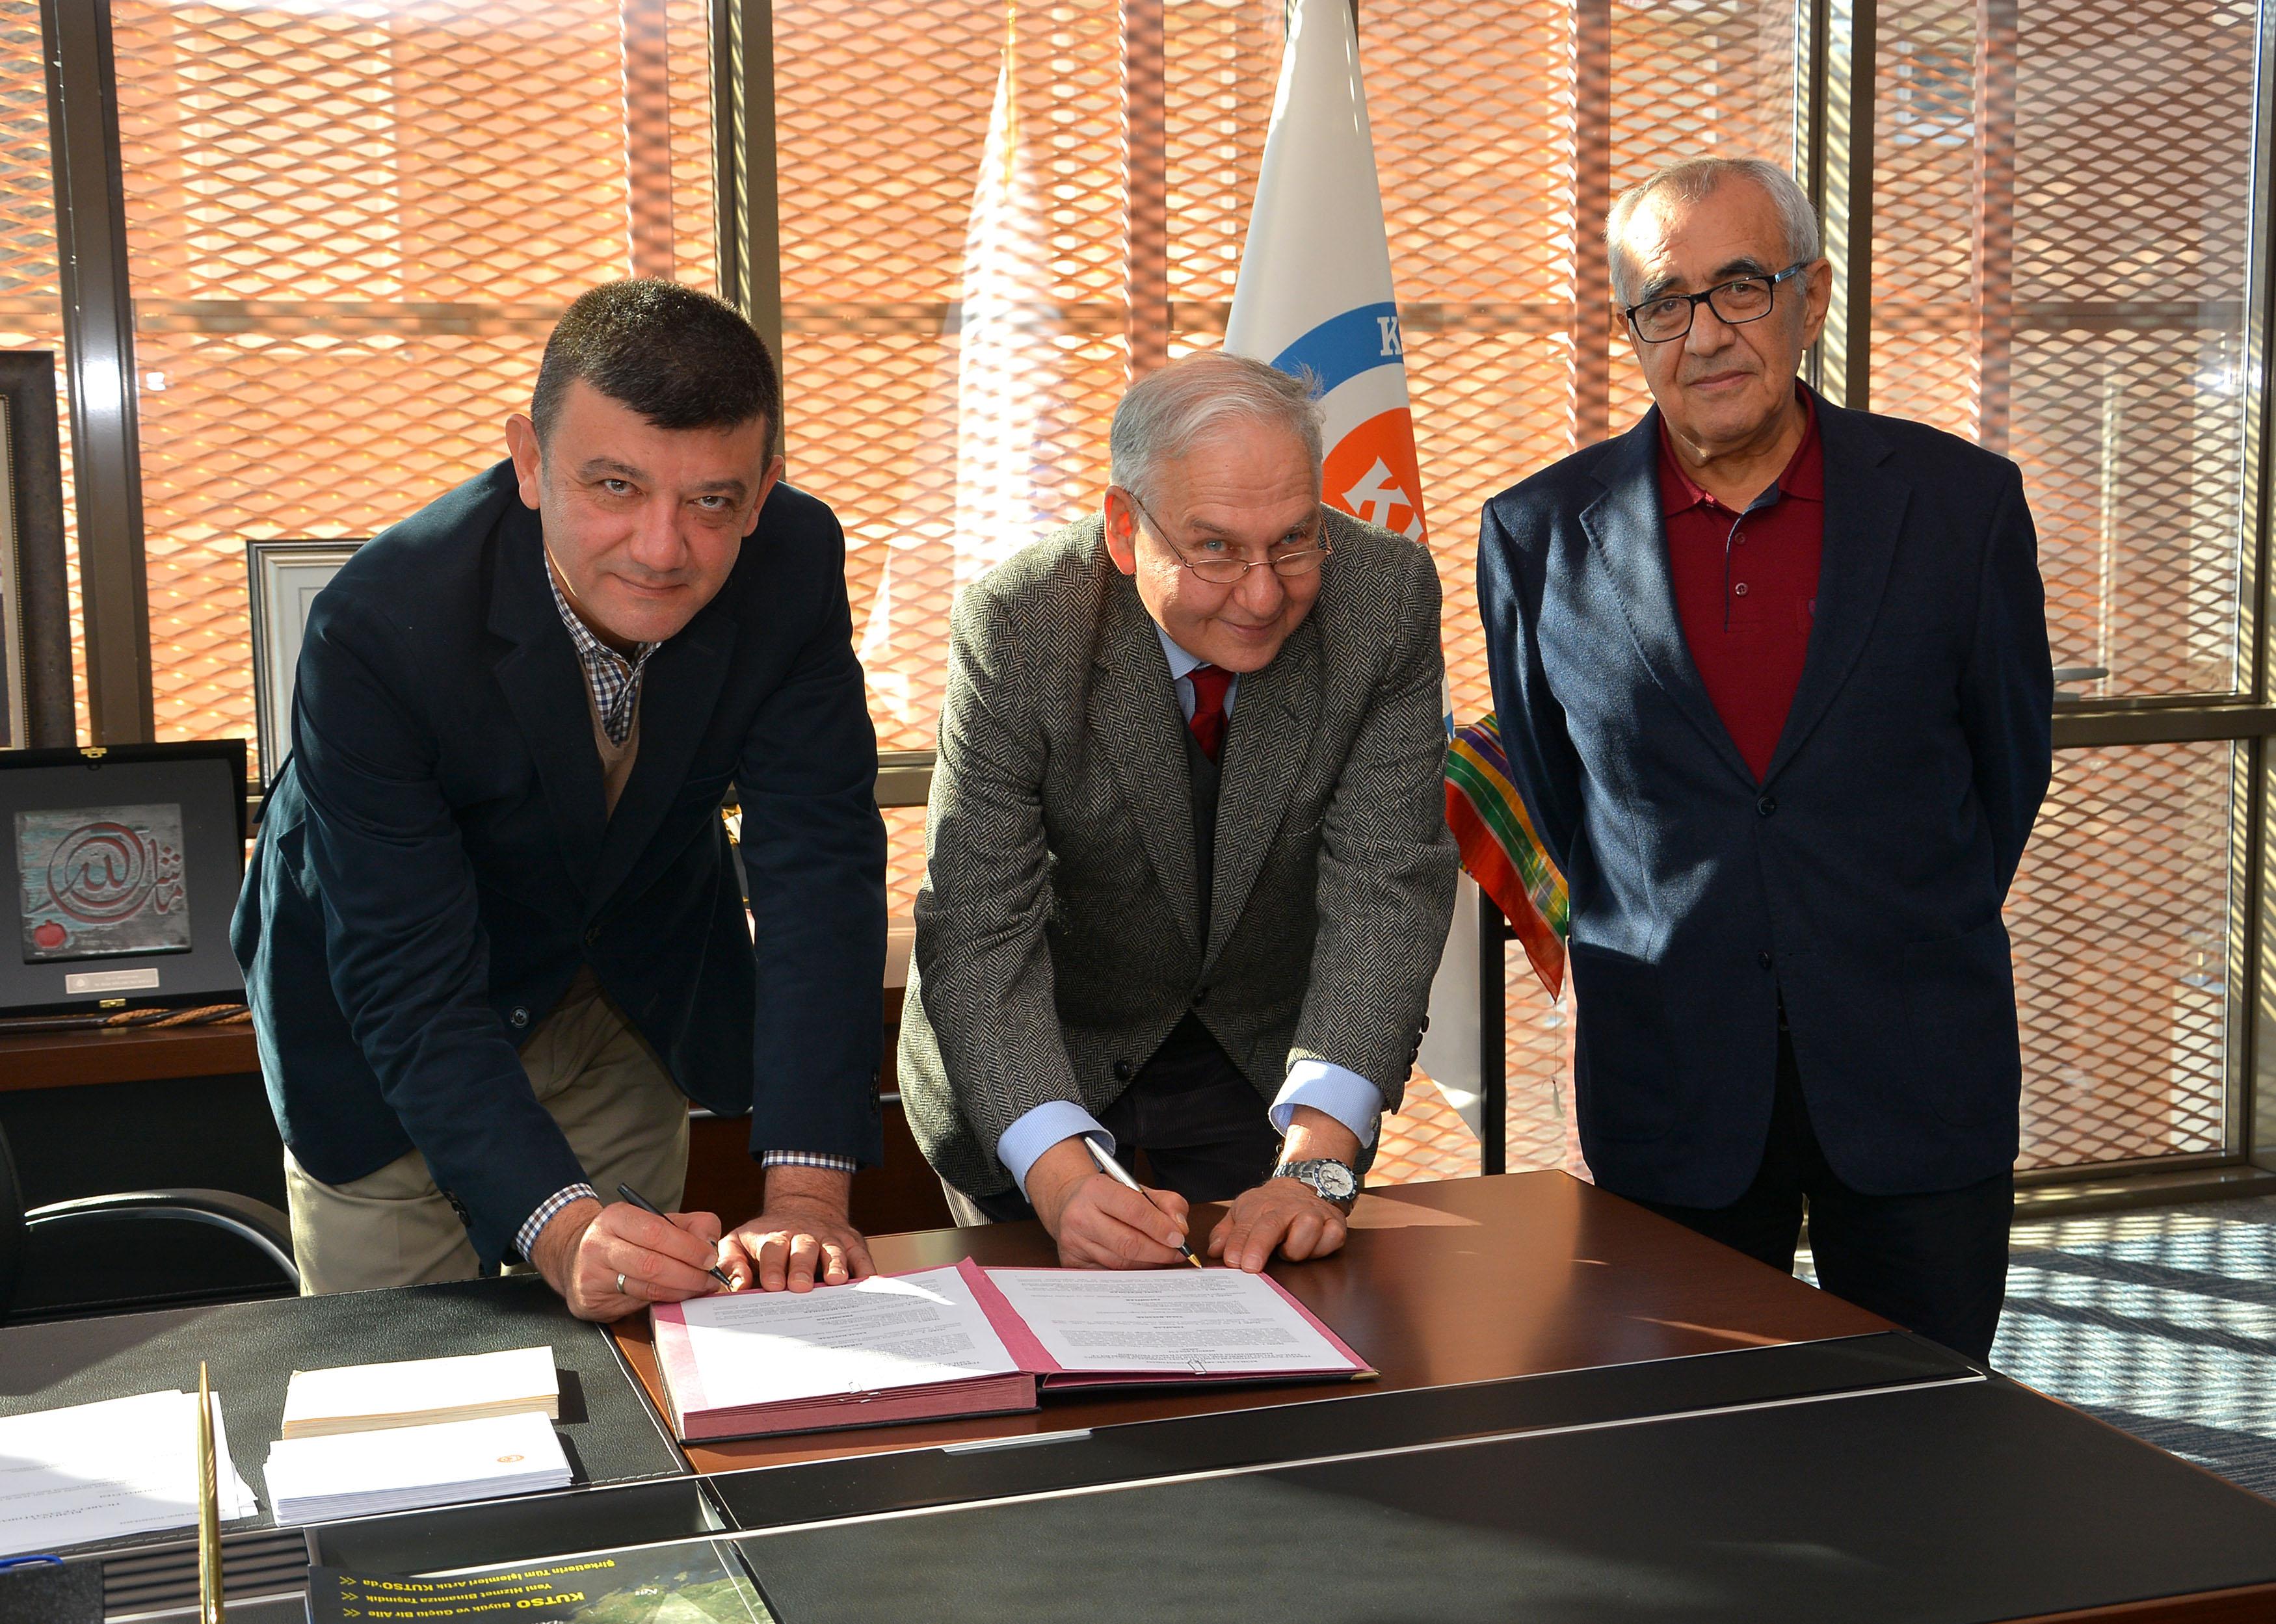 KUTSO ve TRAC, Batı Antalya'da Afet Haberleşmesi Altyapısı Kuracak.